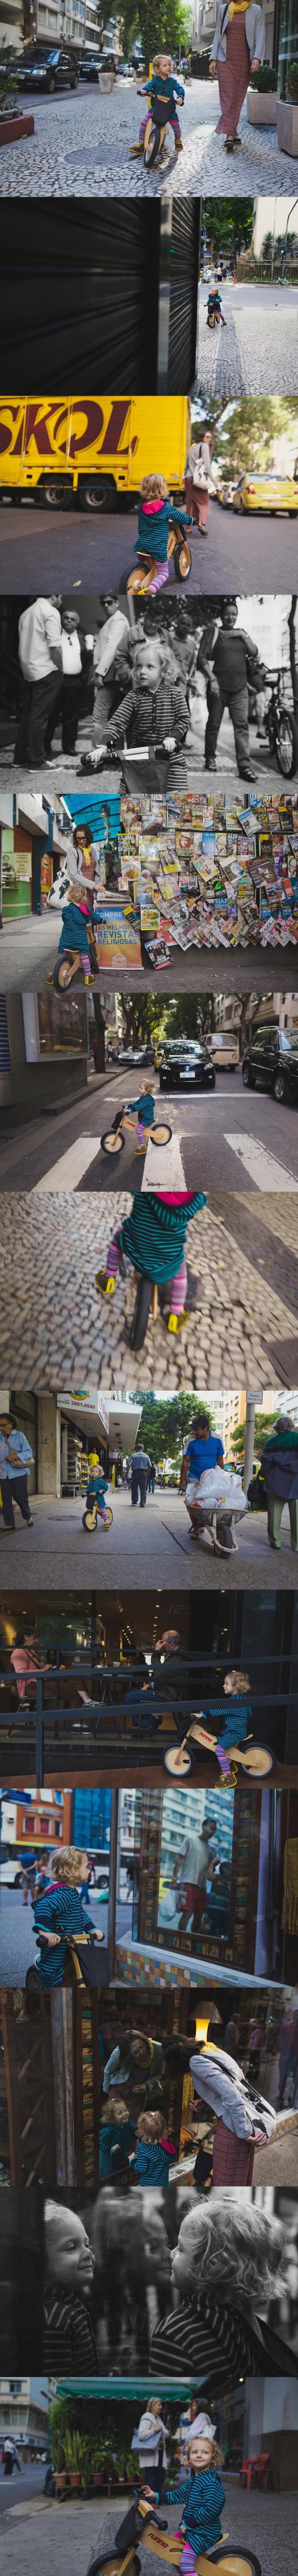 Bike no calçadão